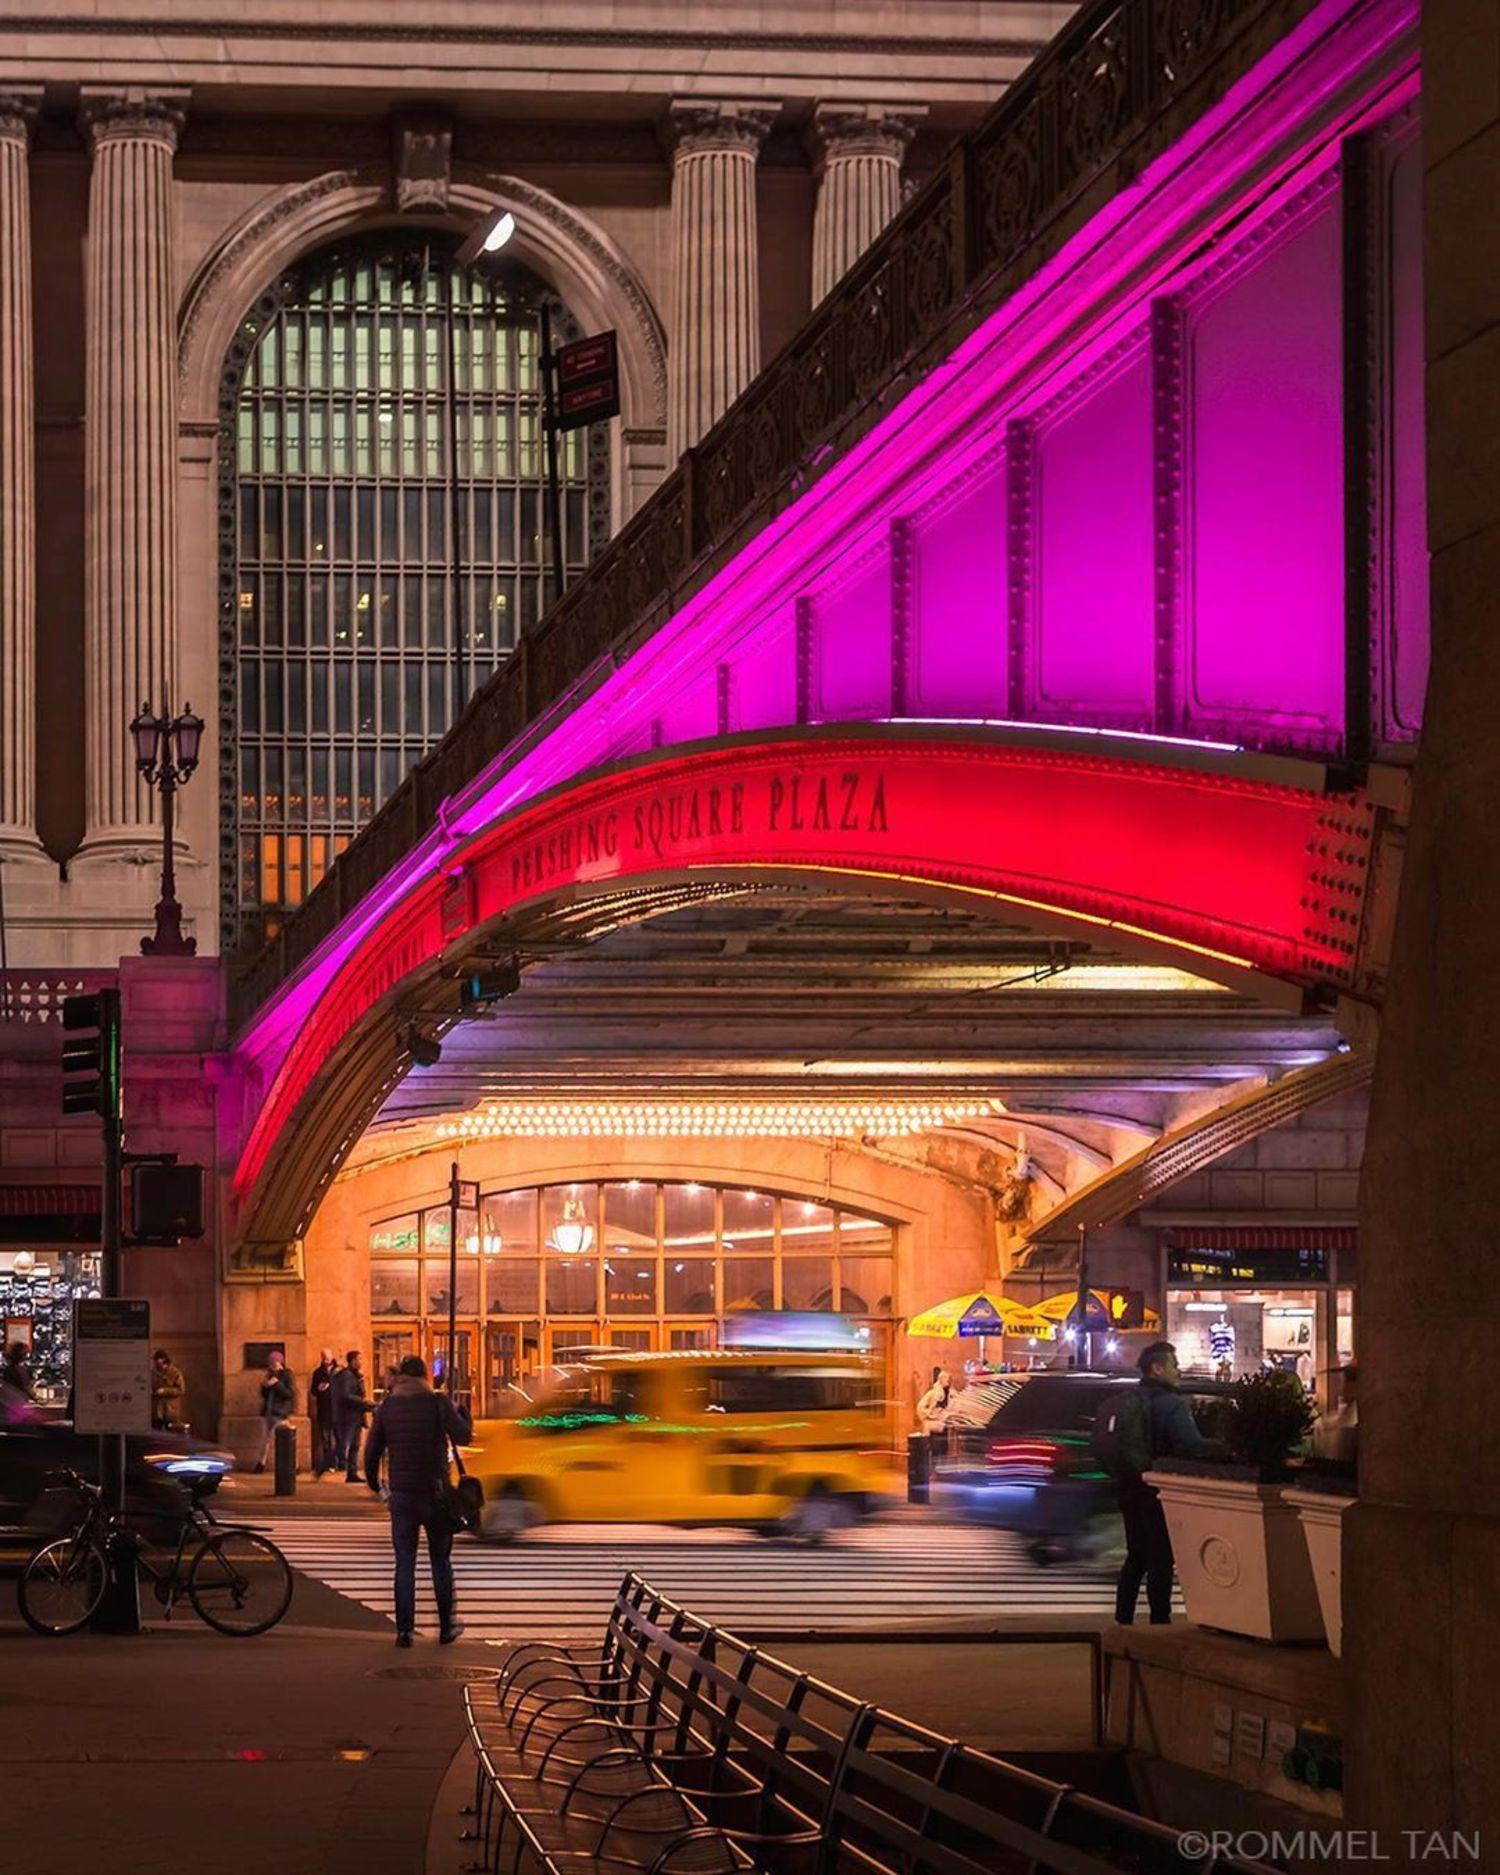 Pershing Square Plaza, Midtown, Manhattan